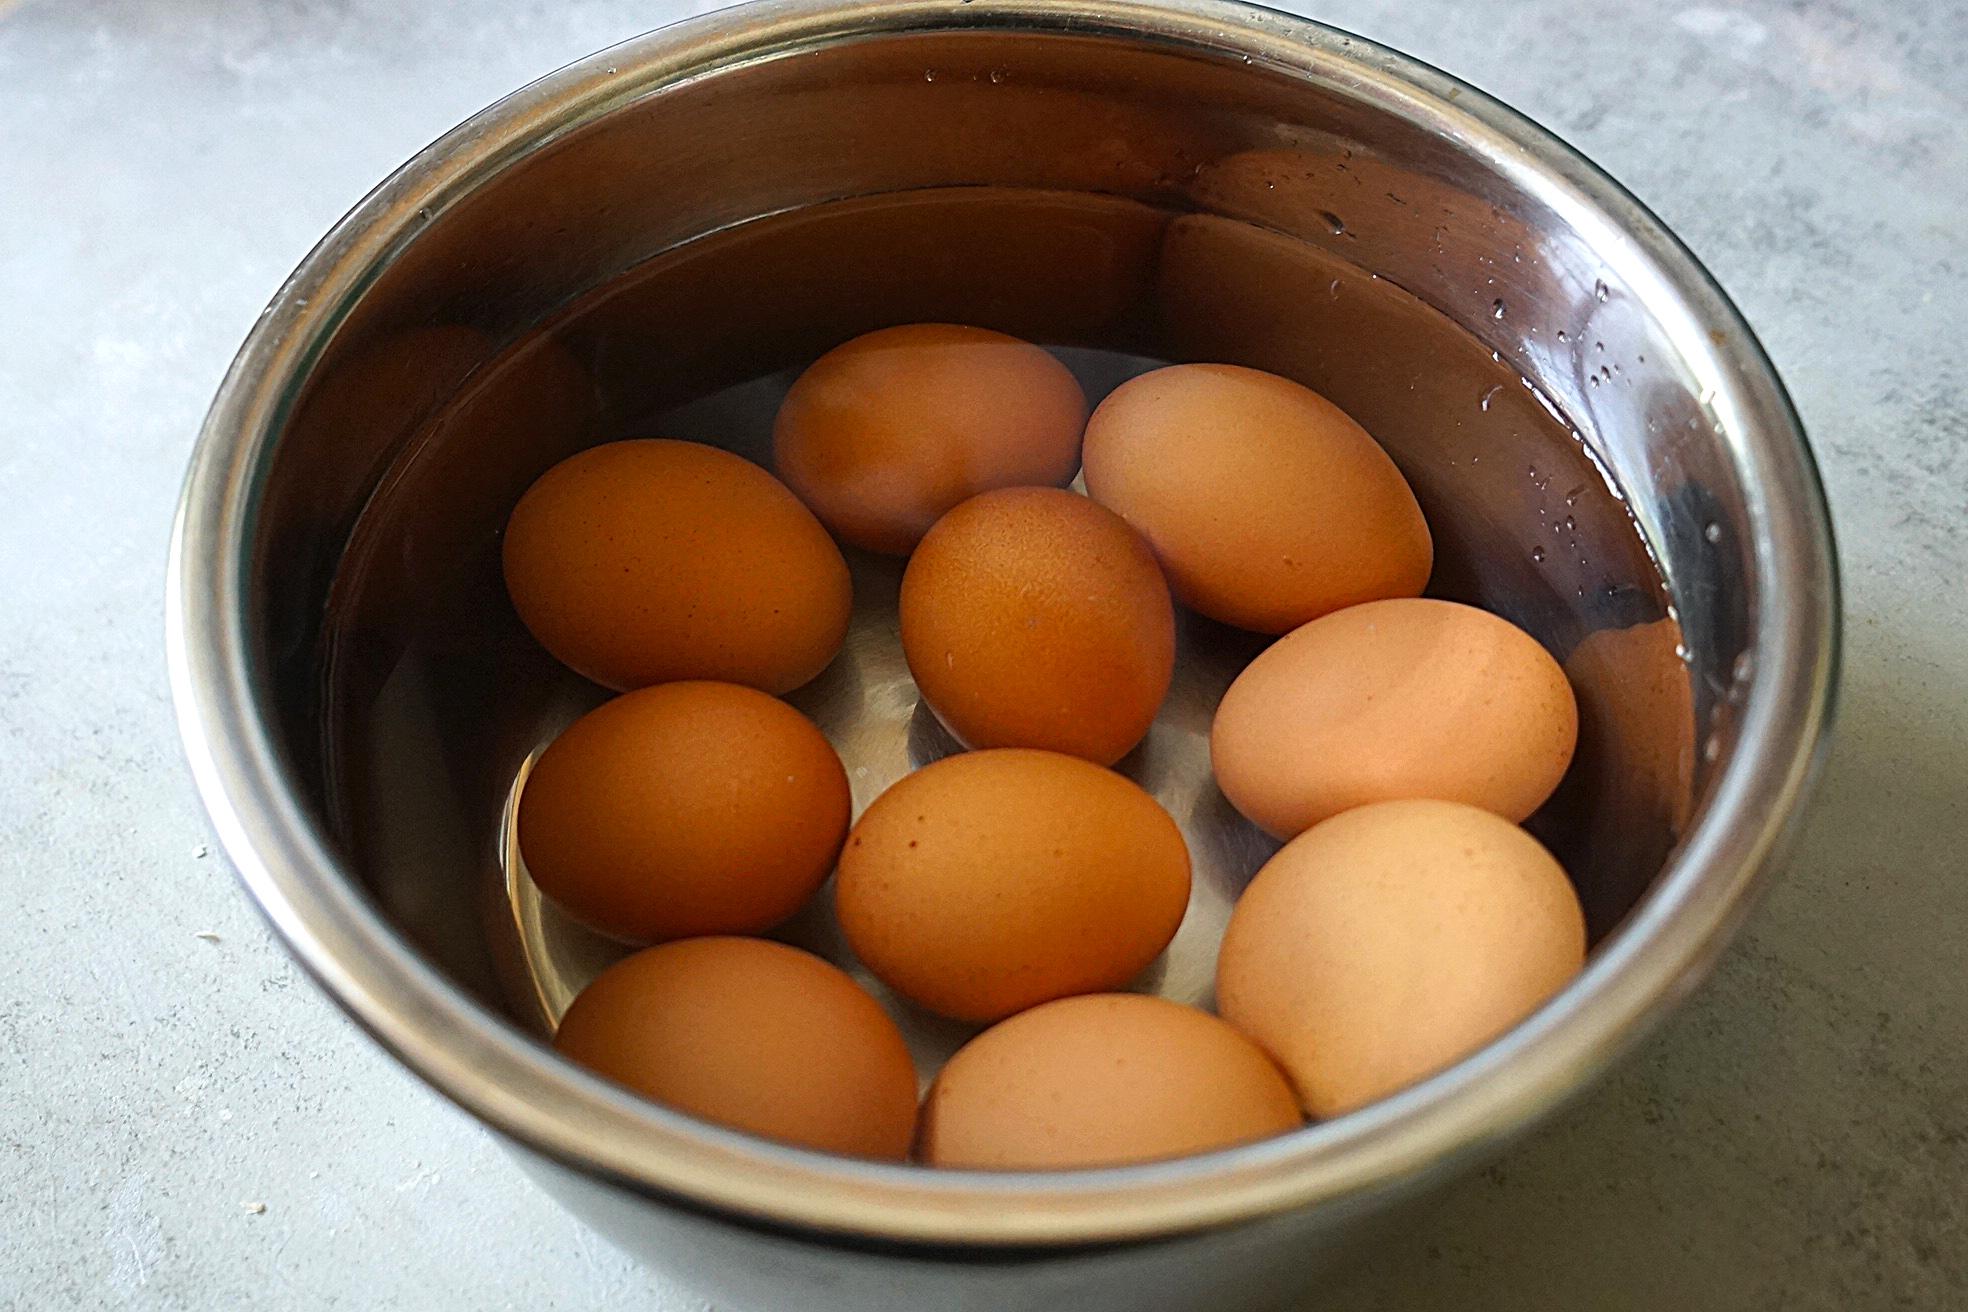 今日立夏,记得给家人煮立夏蛋,吃了热天不疰夏,顺利度过夏天 美食做法 第4张